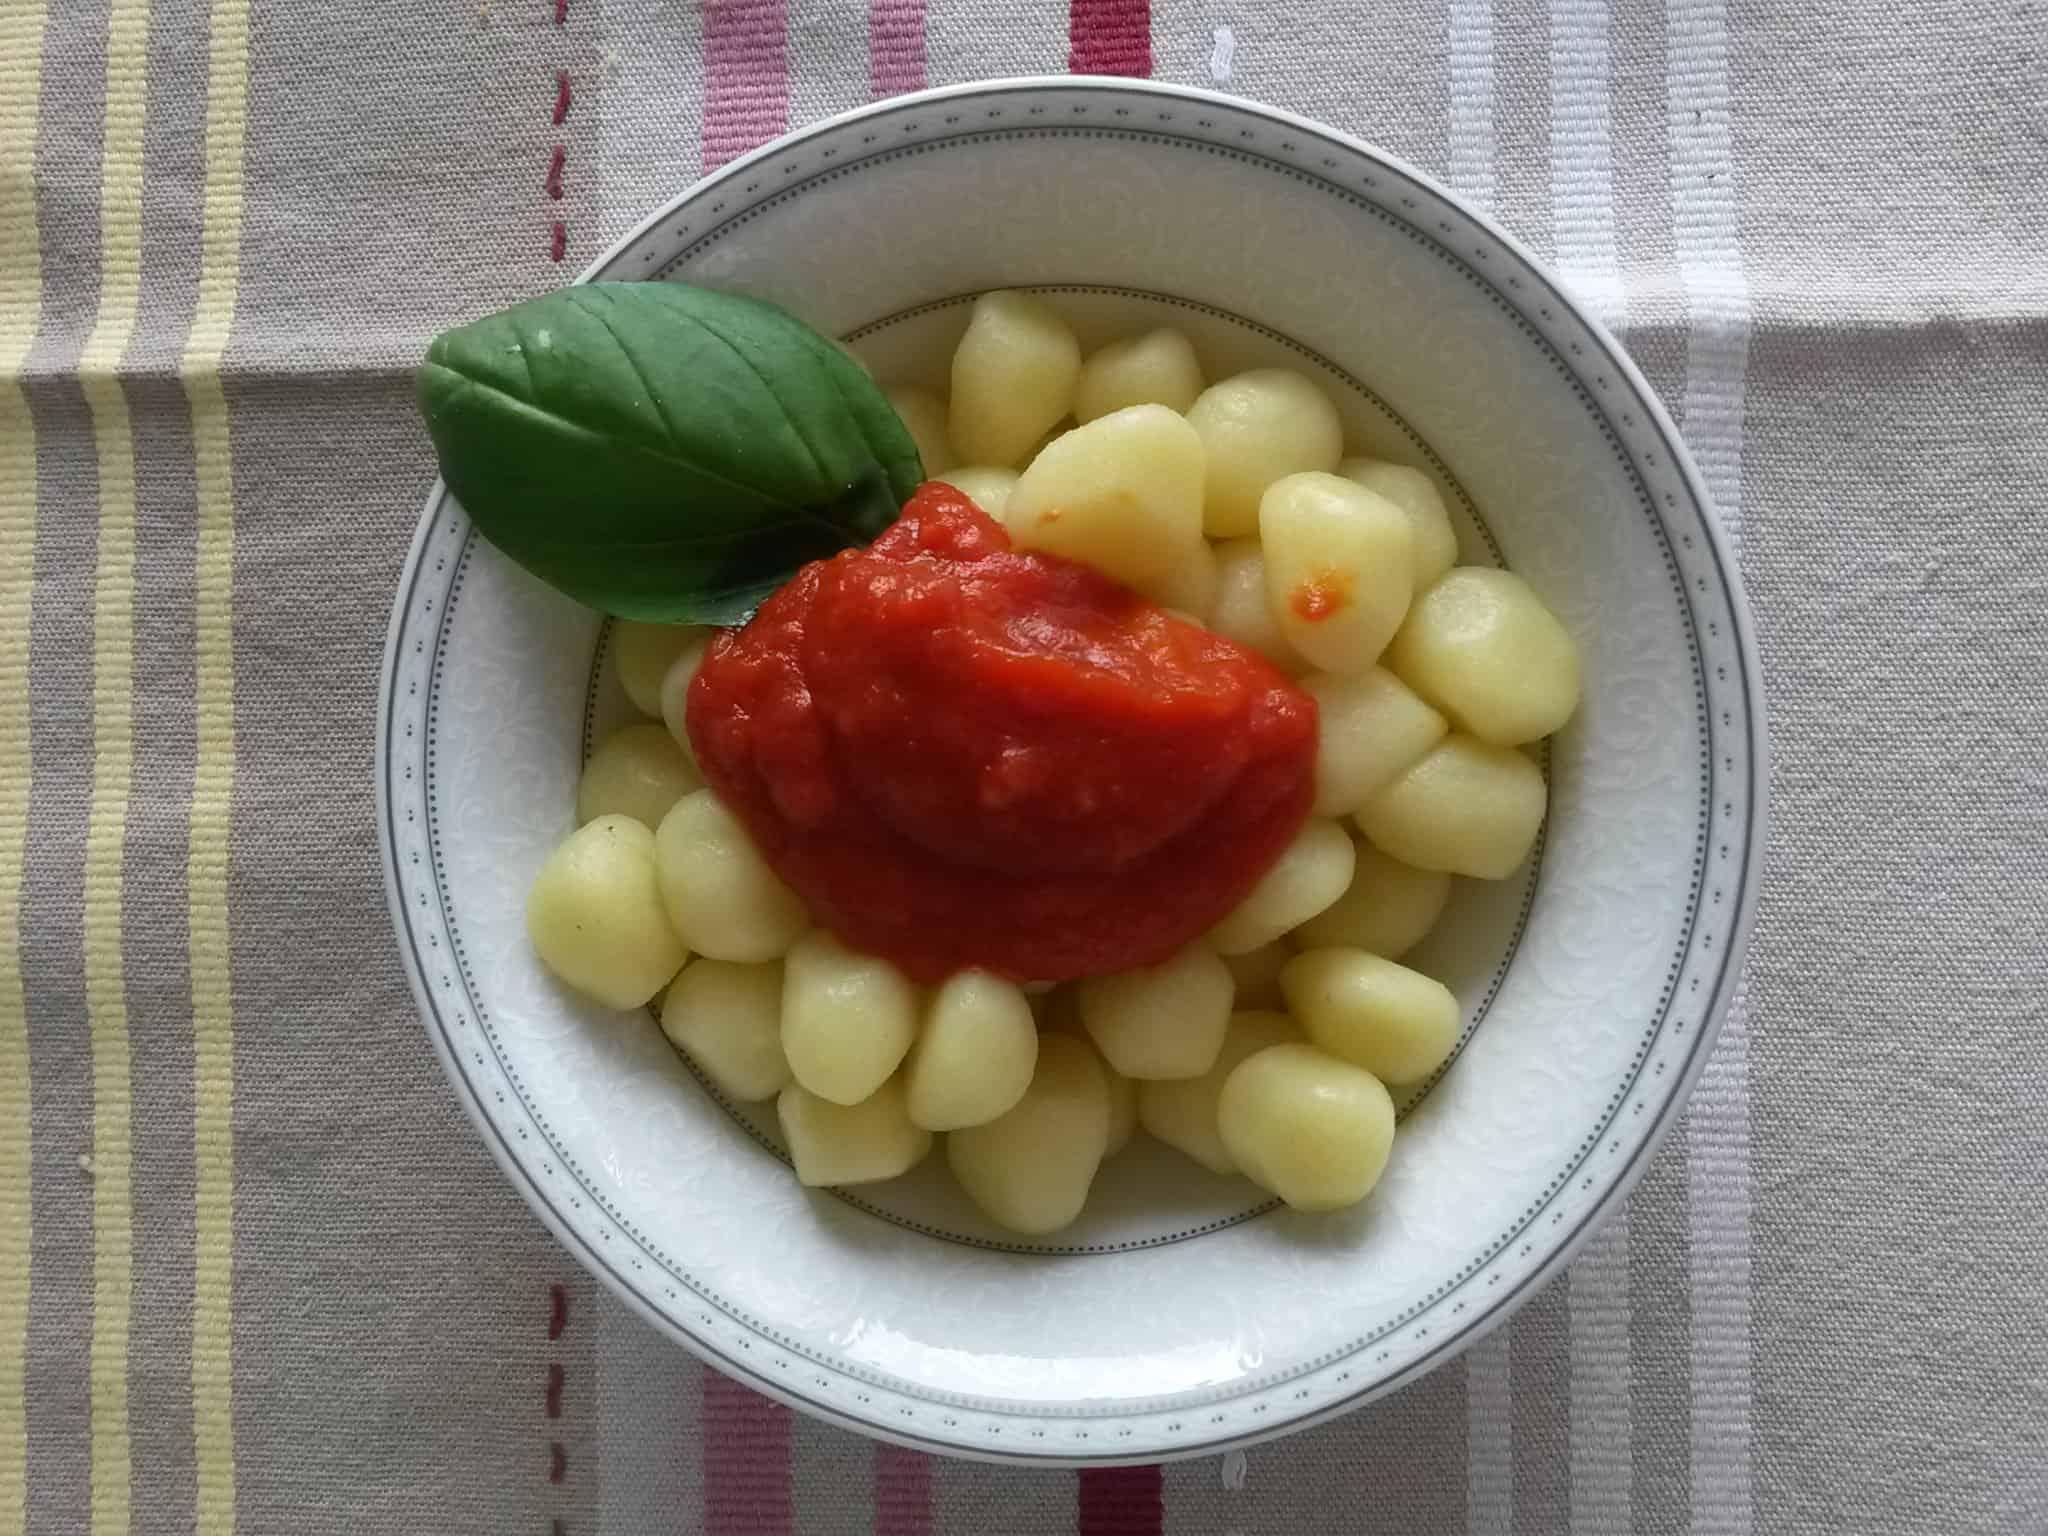 Le chicche di patata con sugo di pomodoro biologico e basilico.